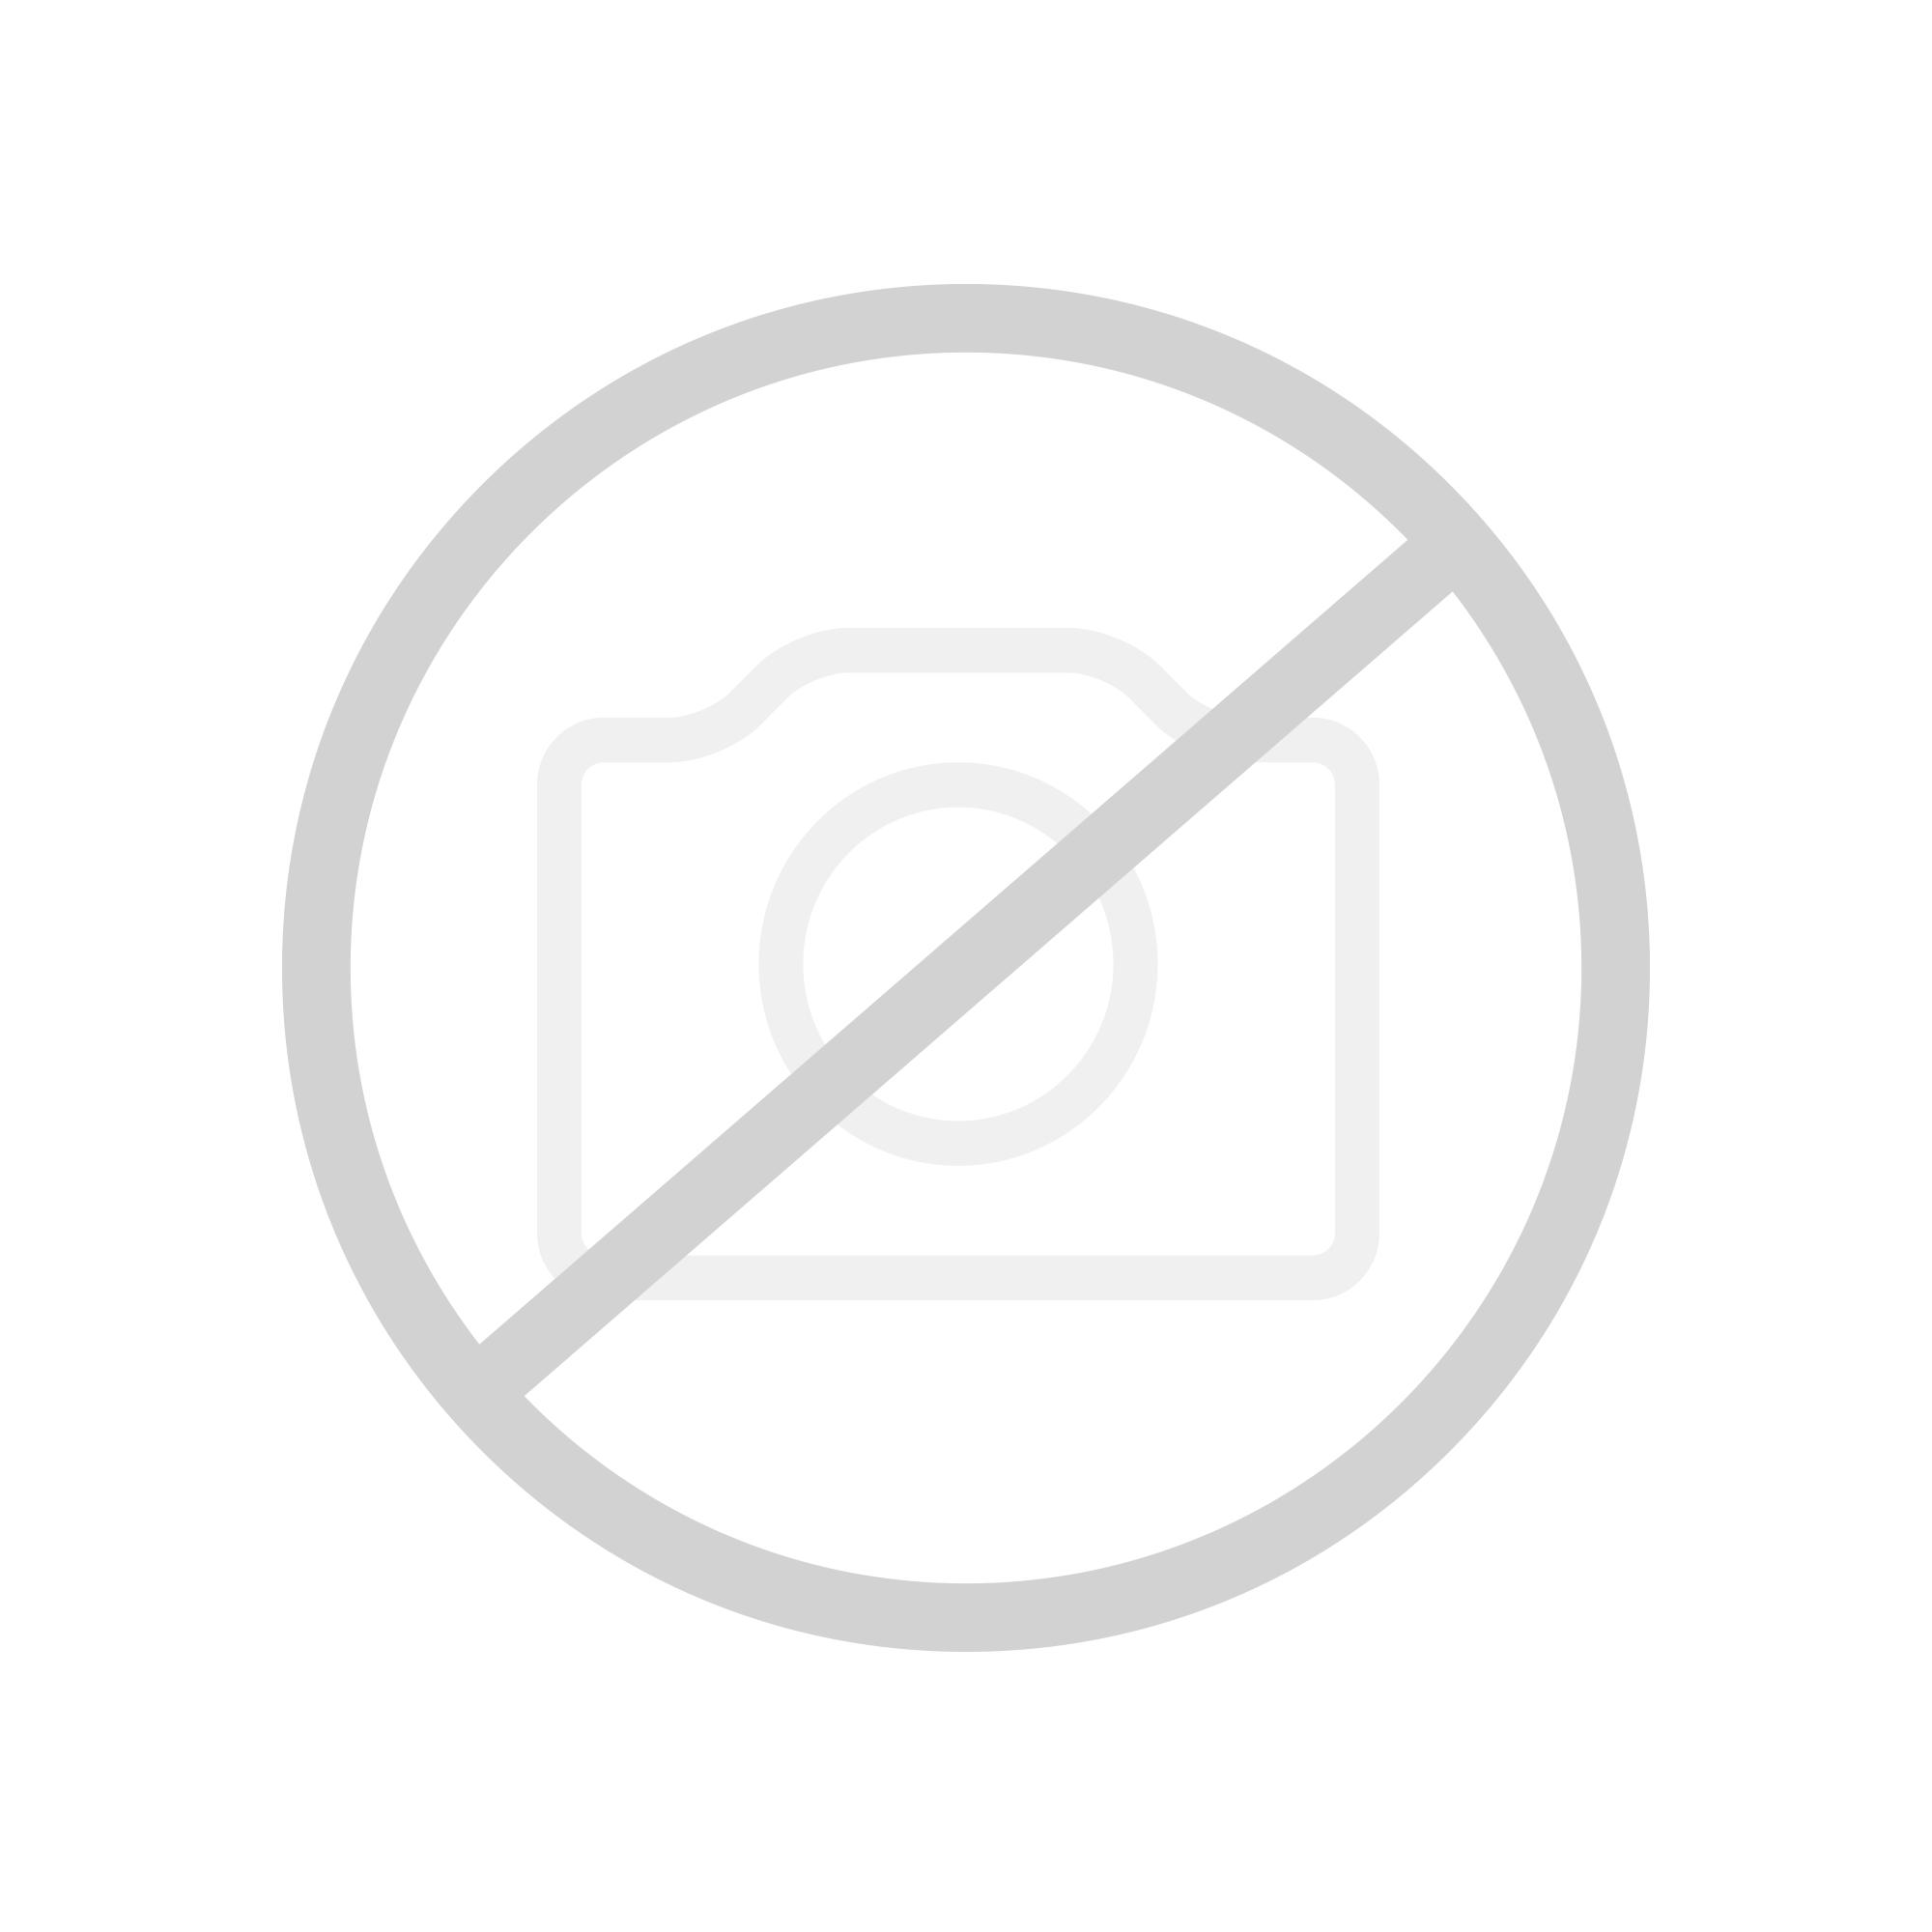 grohe skate edelstahl abdeckplatte wc drucksp ler senkrechte montage. Black Bedroom Furniture Sets. Home Design Ideas